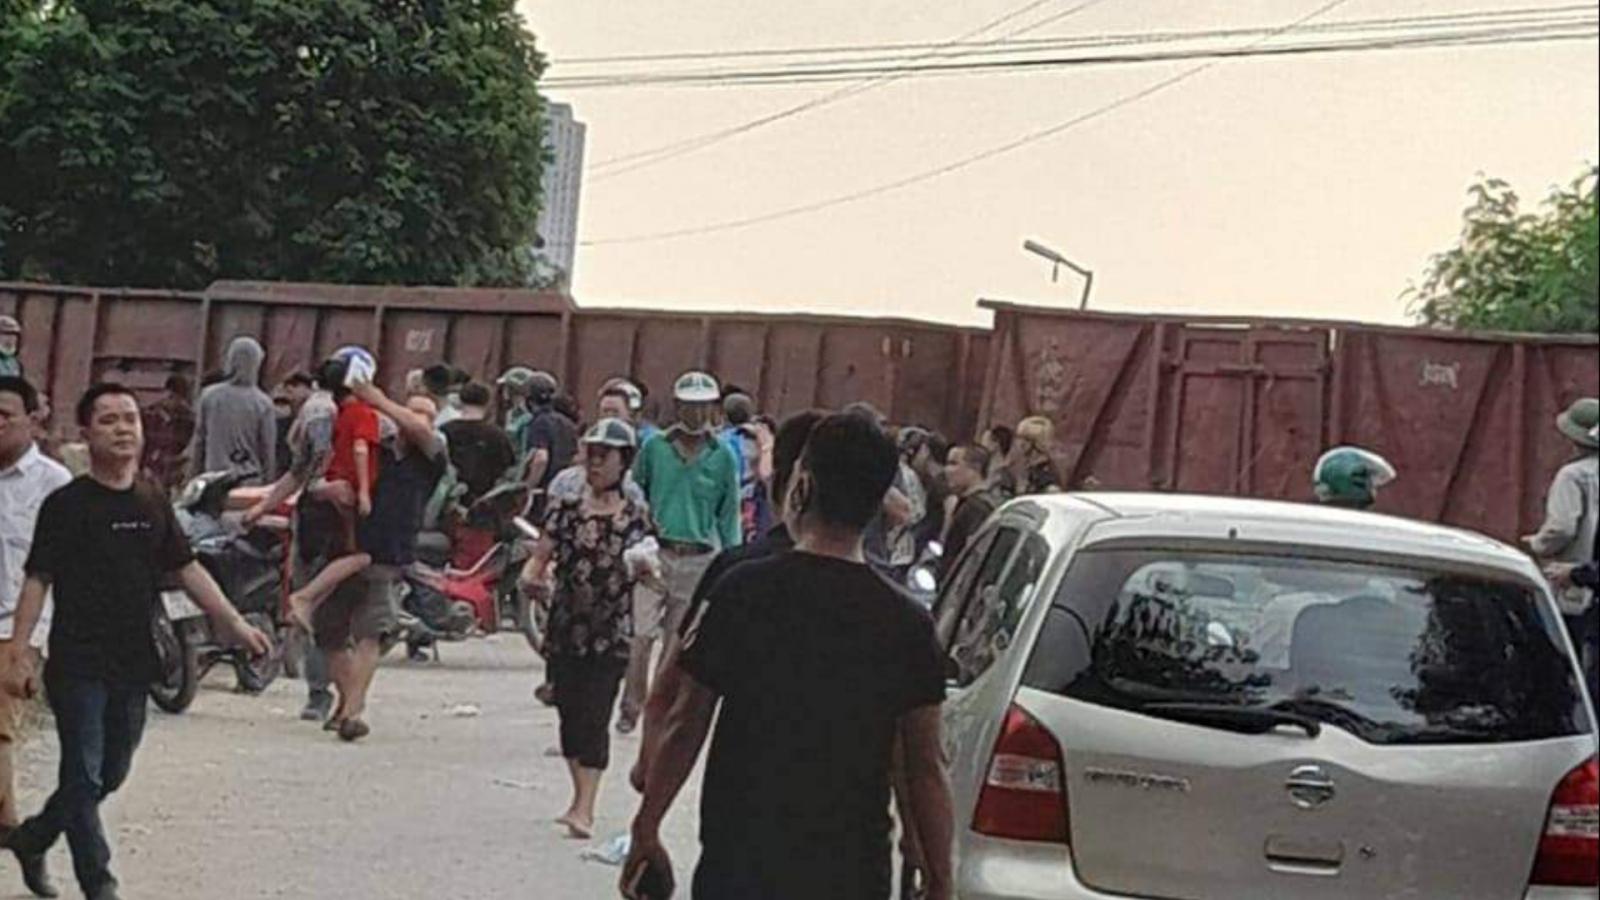 Xem xét khởi tố vụ tàu hỏa đâm xe chở học sinh tại Hà Nội